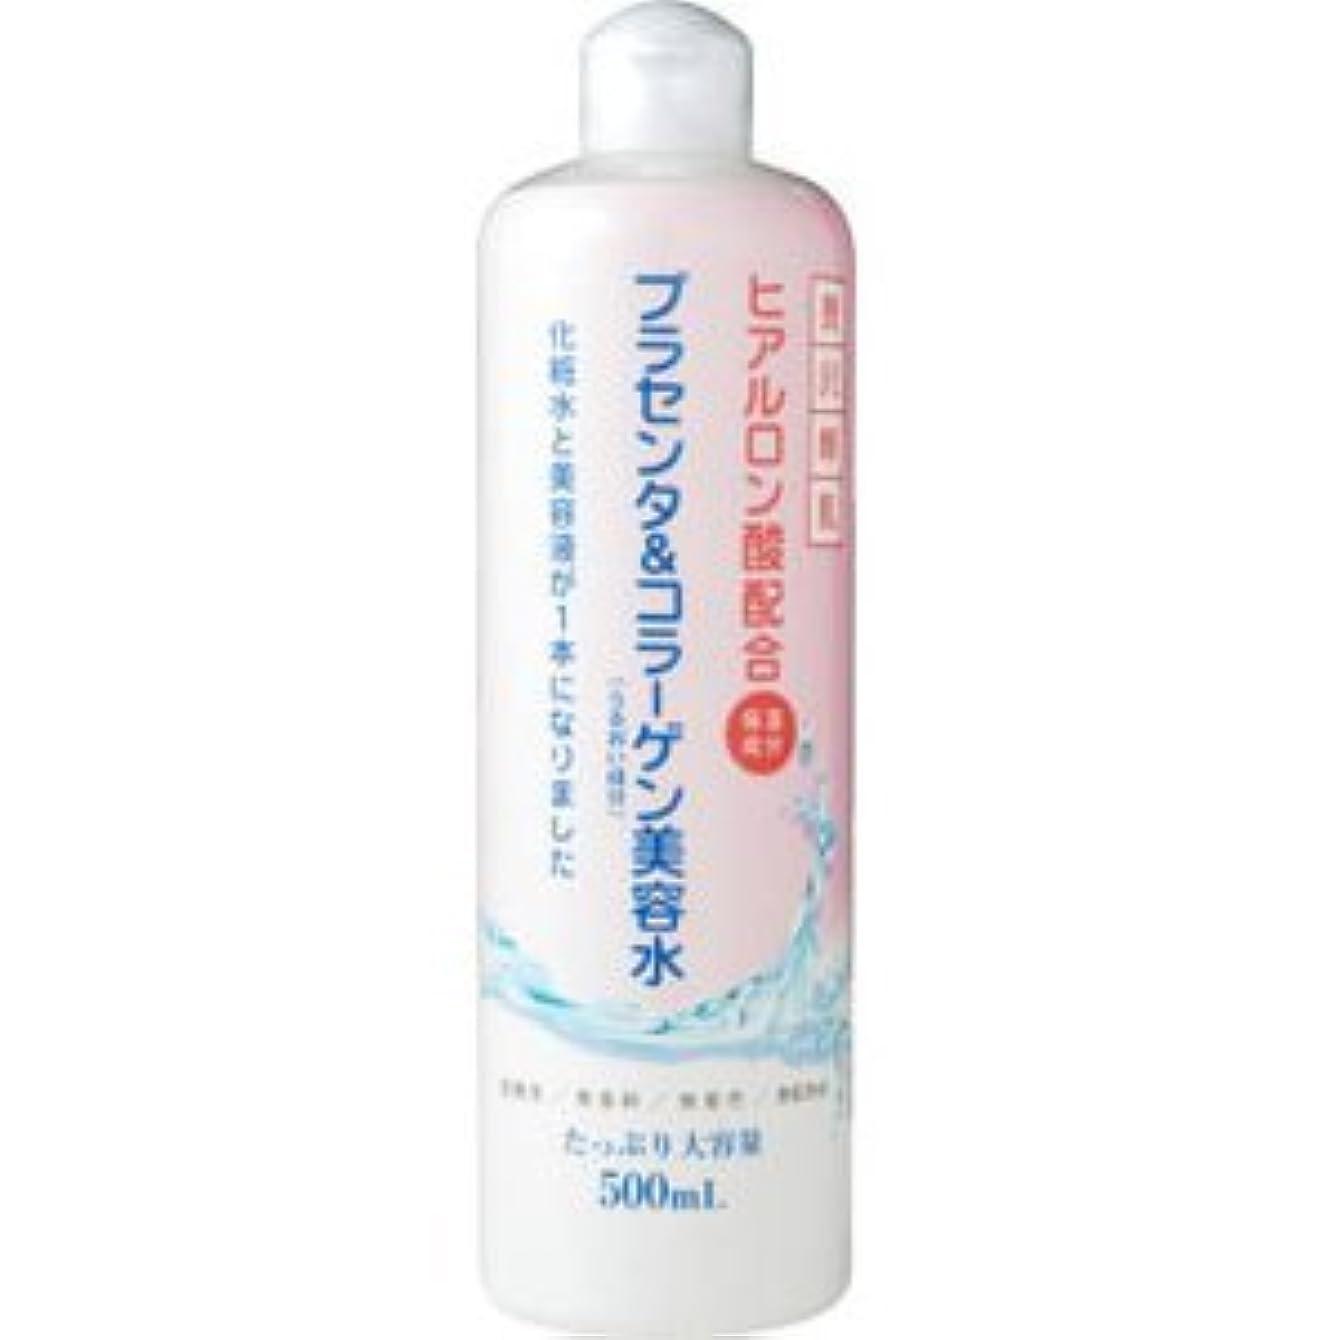 提供された火山の廃止する化粧水?美容液がこの1本!大容量サイズ?低価格『贅沢輝肌 美容水』 (プラセンタ&コラーゲン)